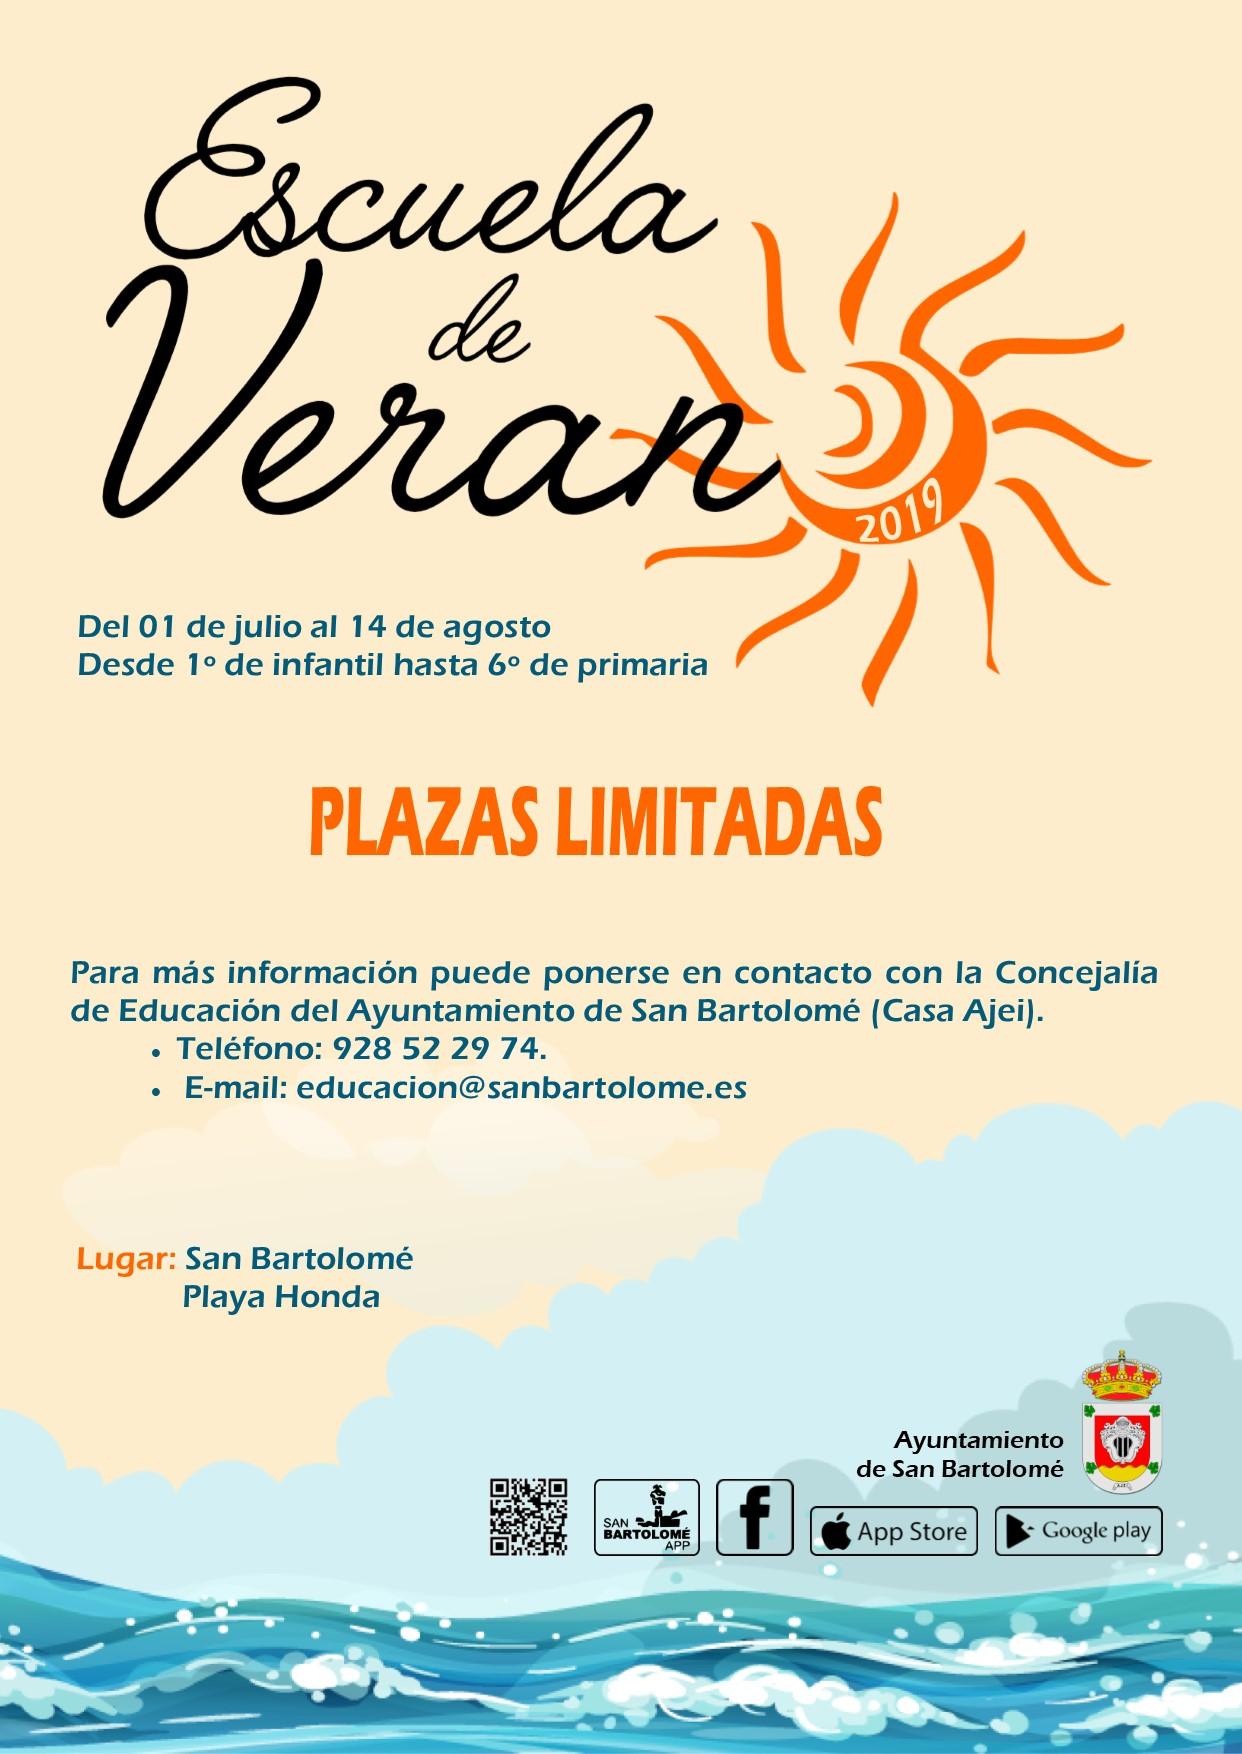 Abierto el plazo de inscripción en la Escuela de Verano en el municipio de San Bartolomé